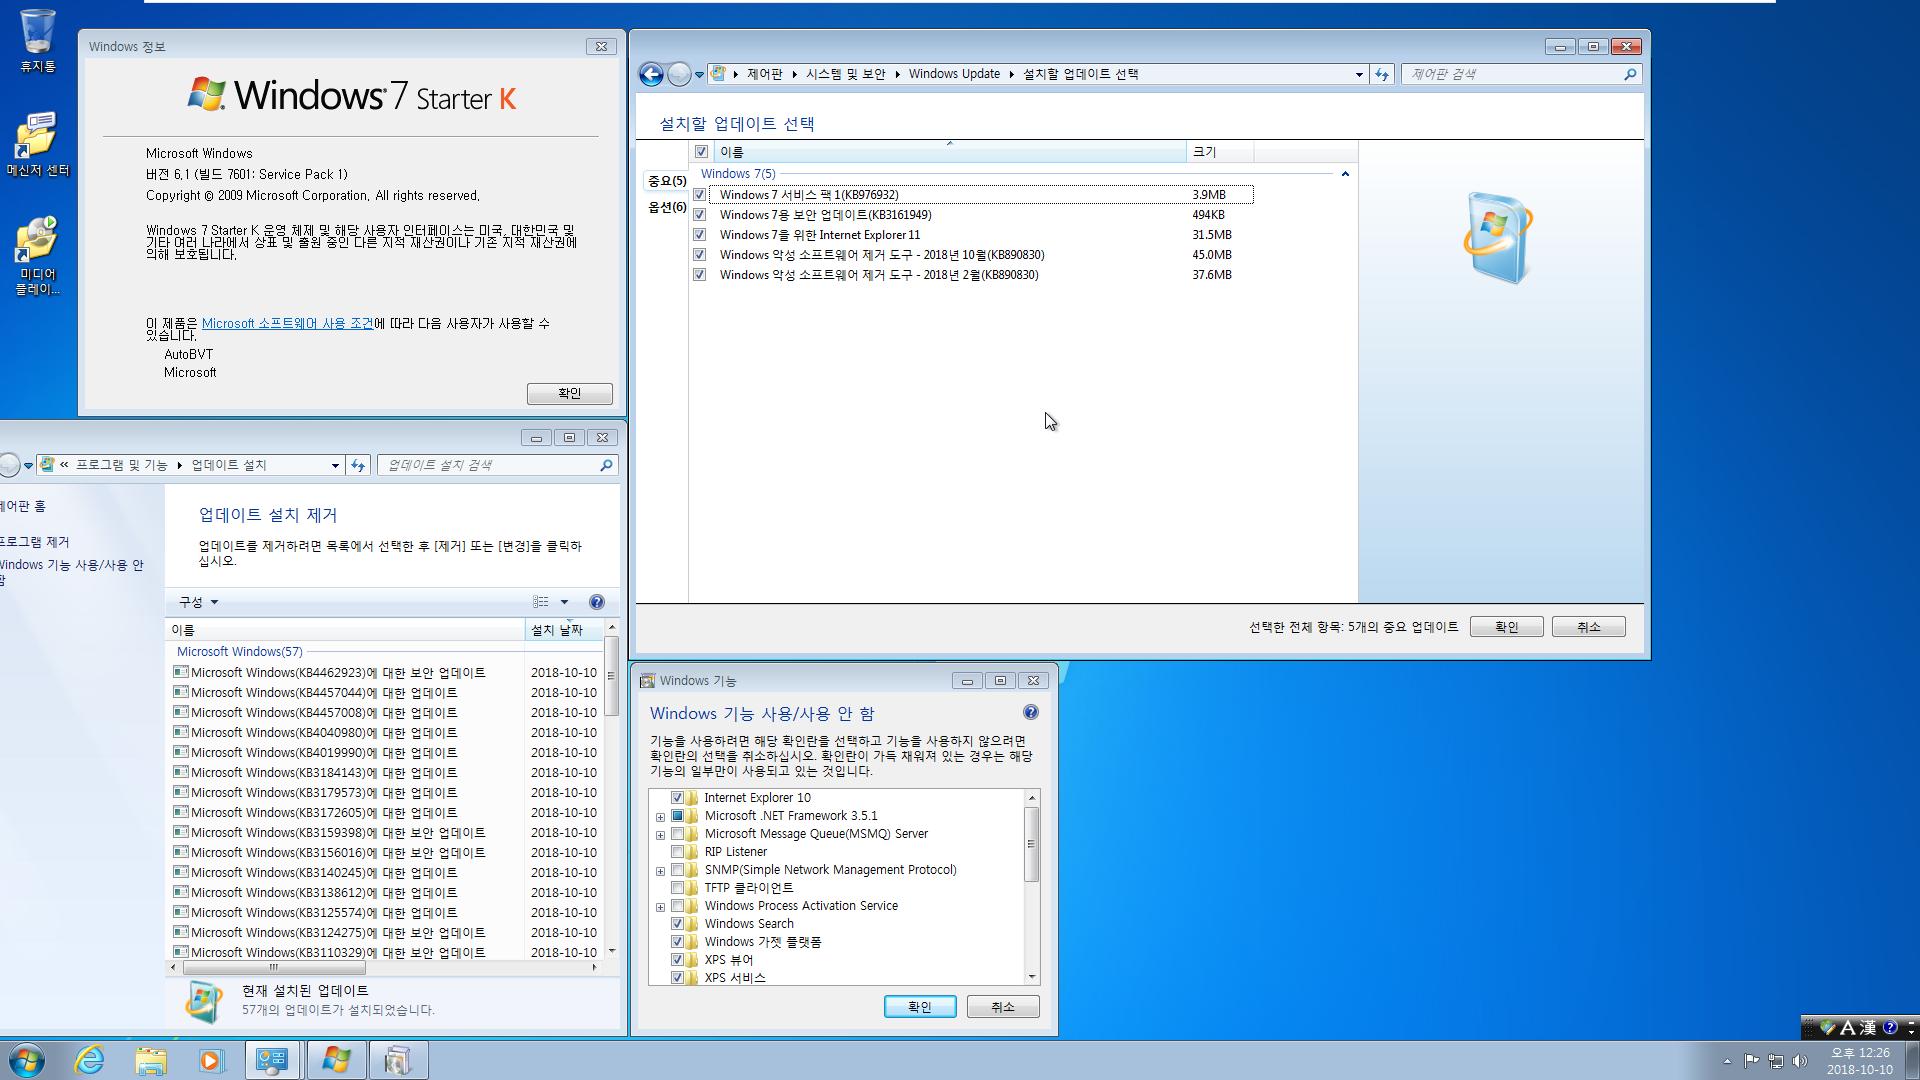 2018년 10월 10일 정기 업데이트 나왔네요 - Windows 7 롤업 업데이트 KB4462923 (OS 빌드 7601.24263) IE10 통합중 입니다 2018-10-10_122605.png